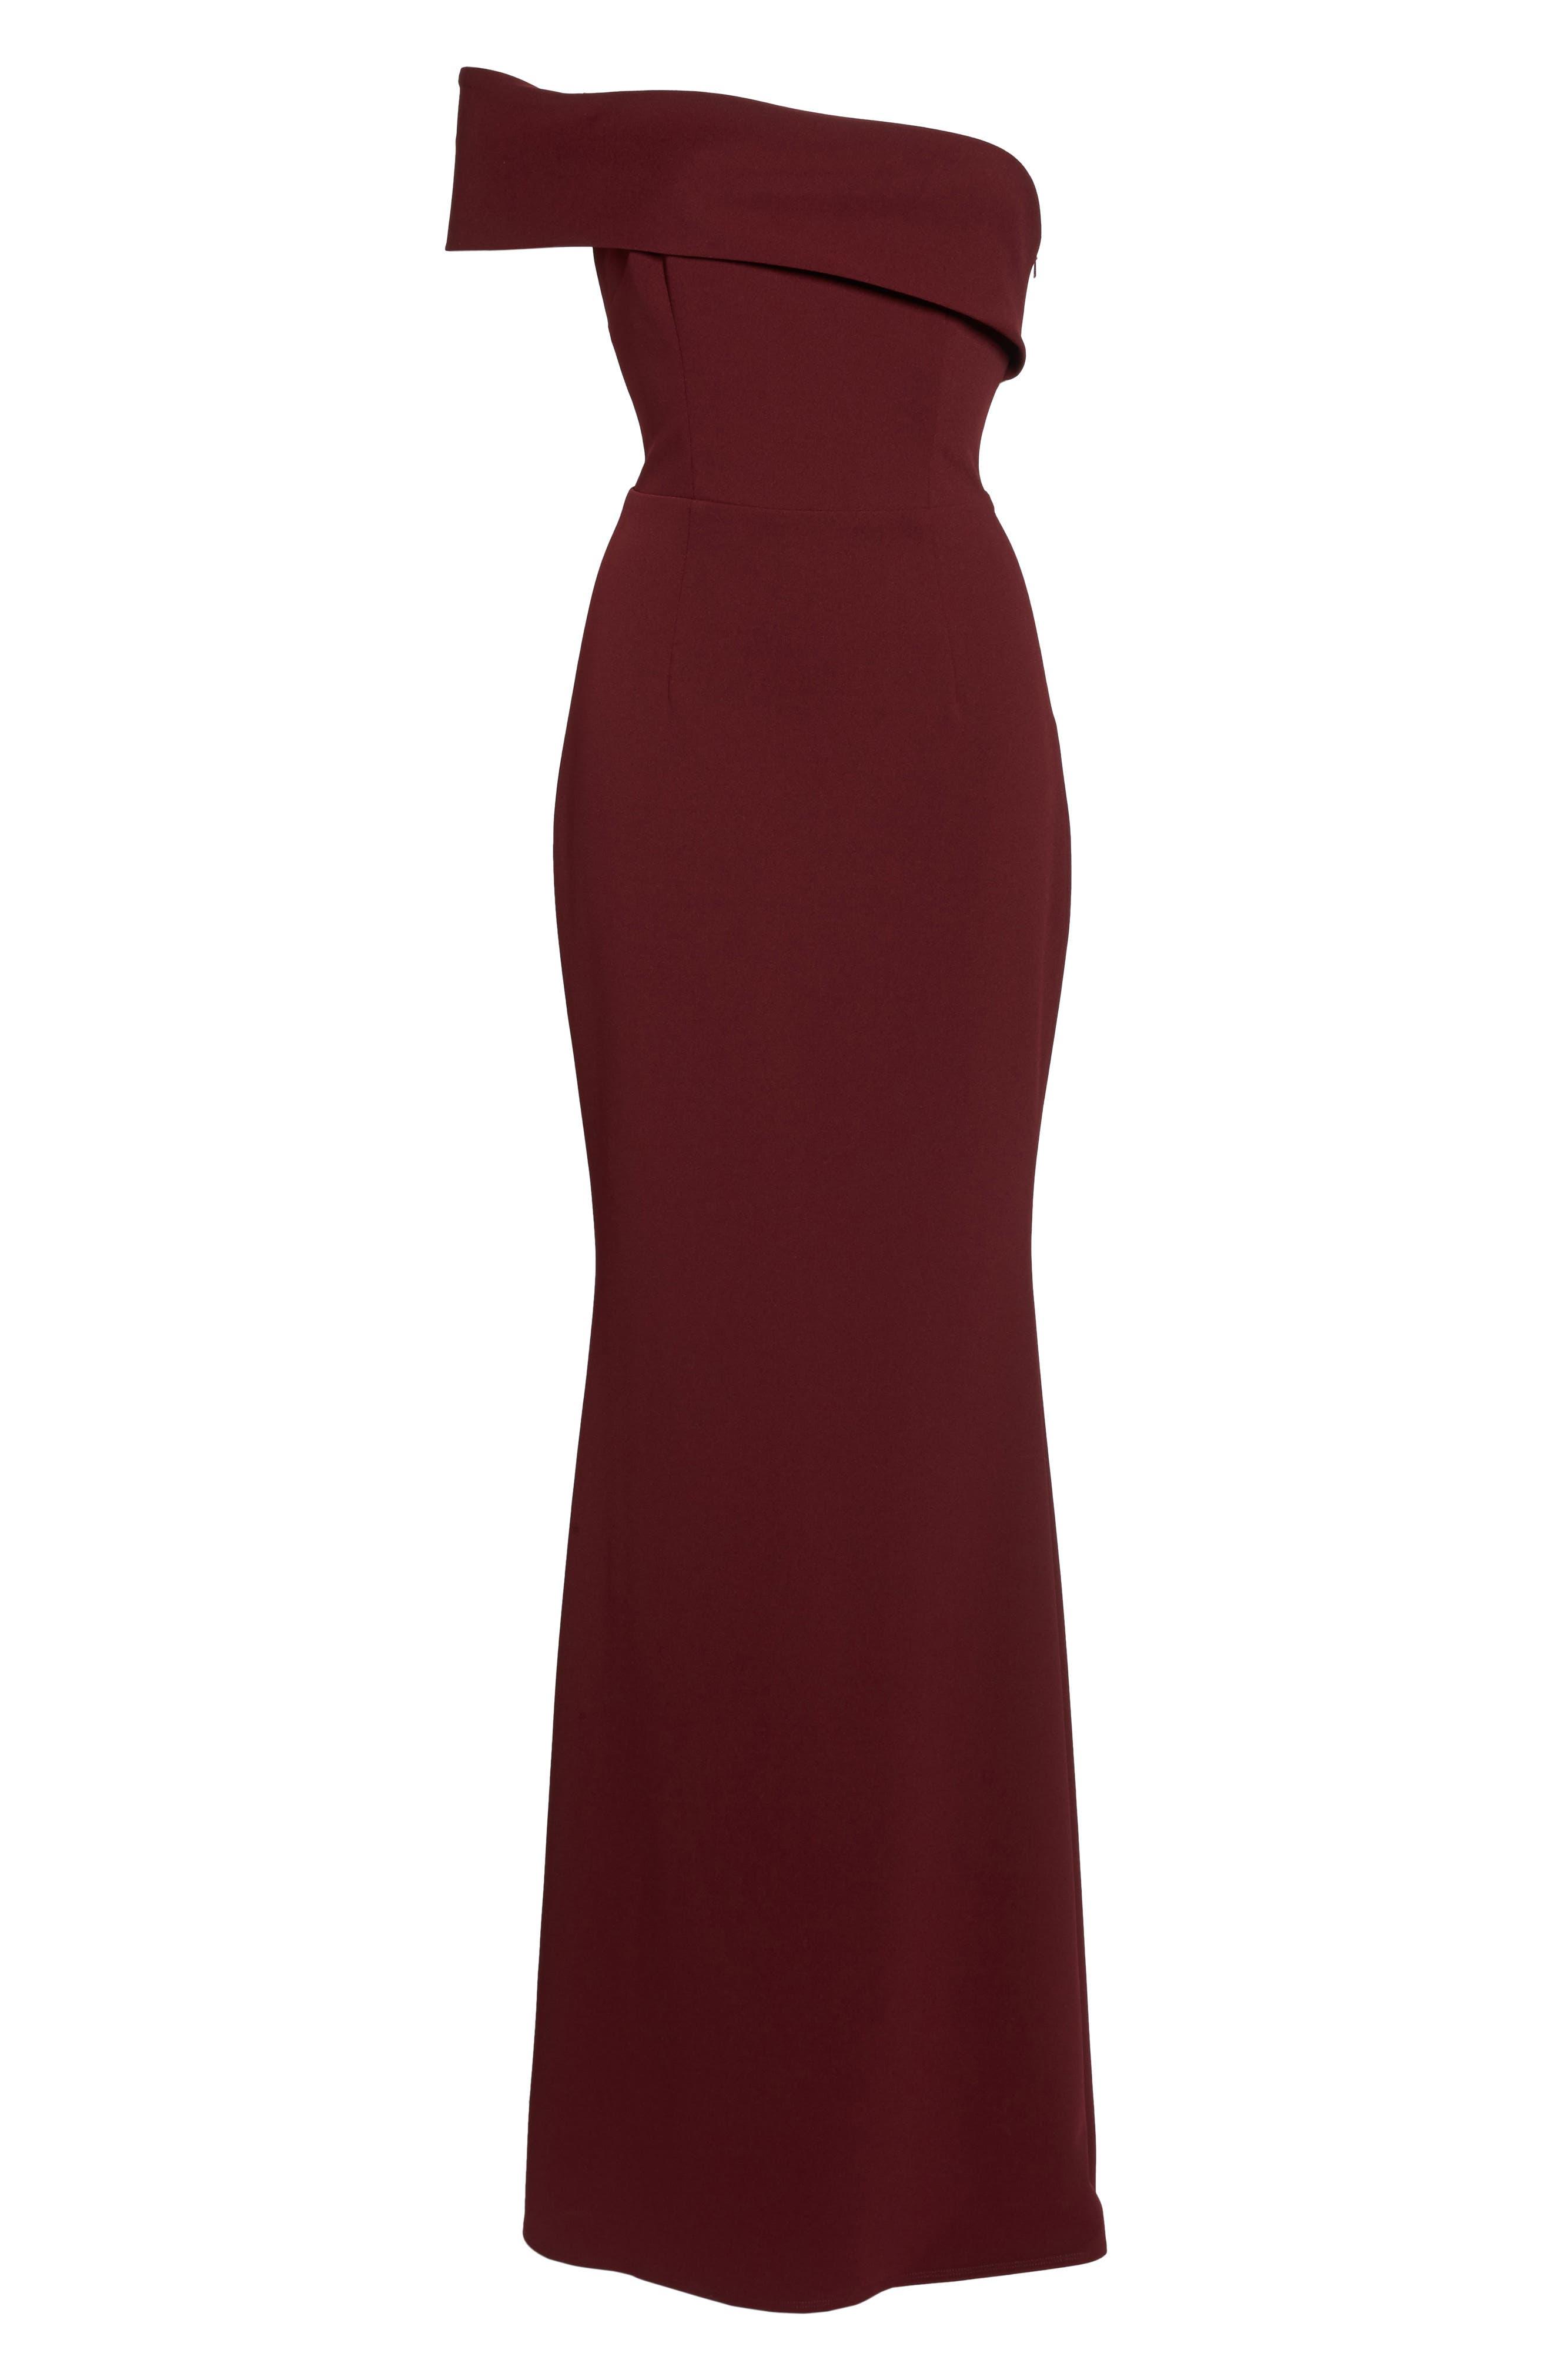 Titan One-Shoulder Cutout Crepe Gown,                             Alternate thumbnail 6, color,                             Bordeaux